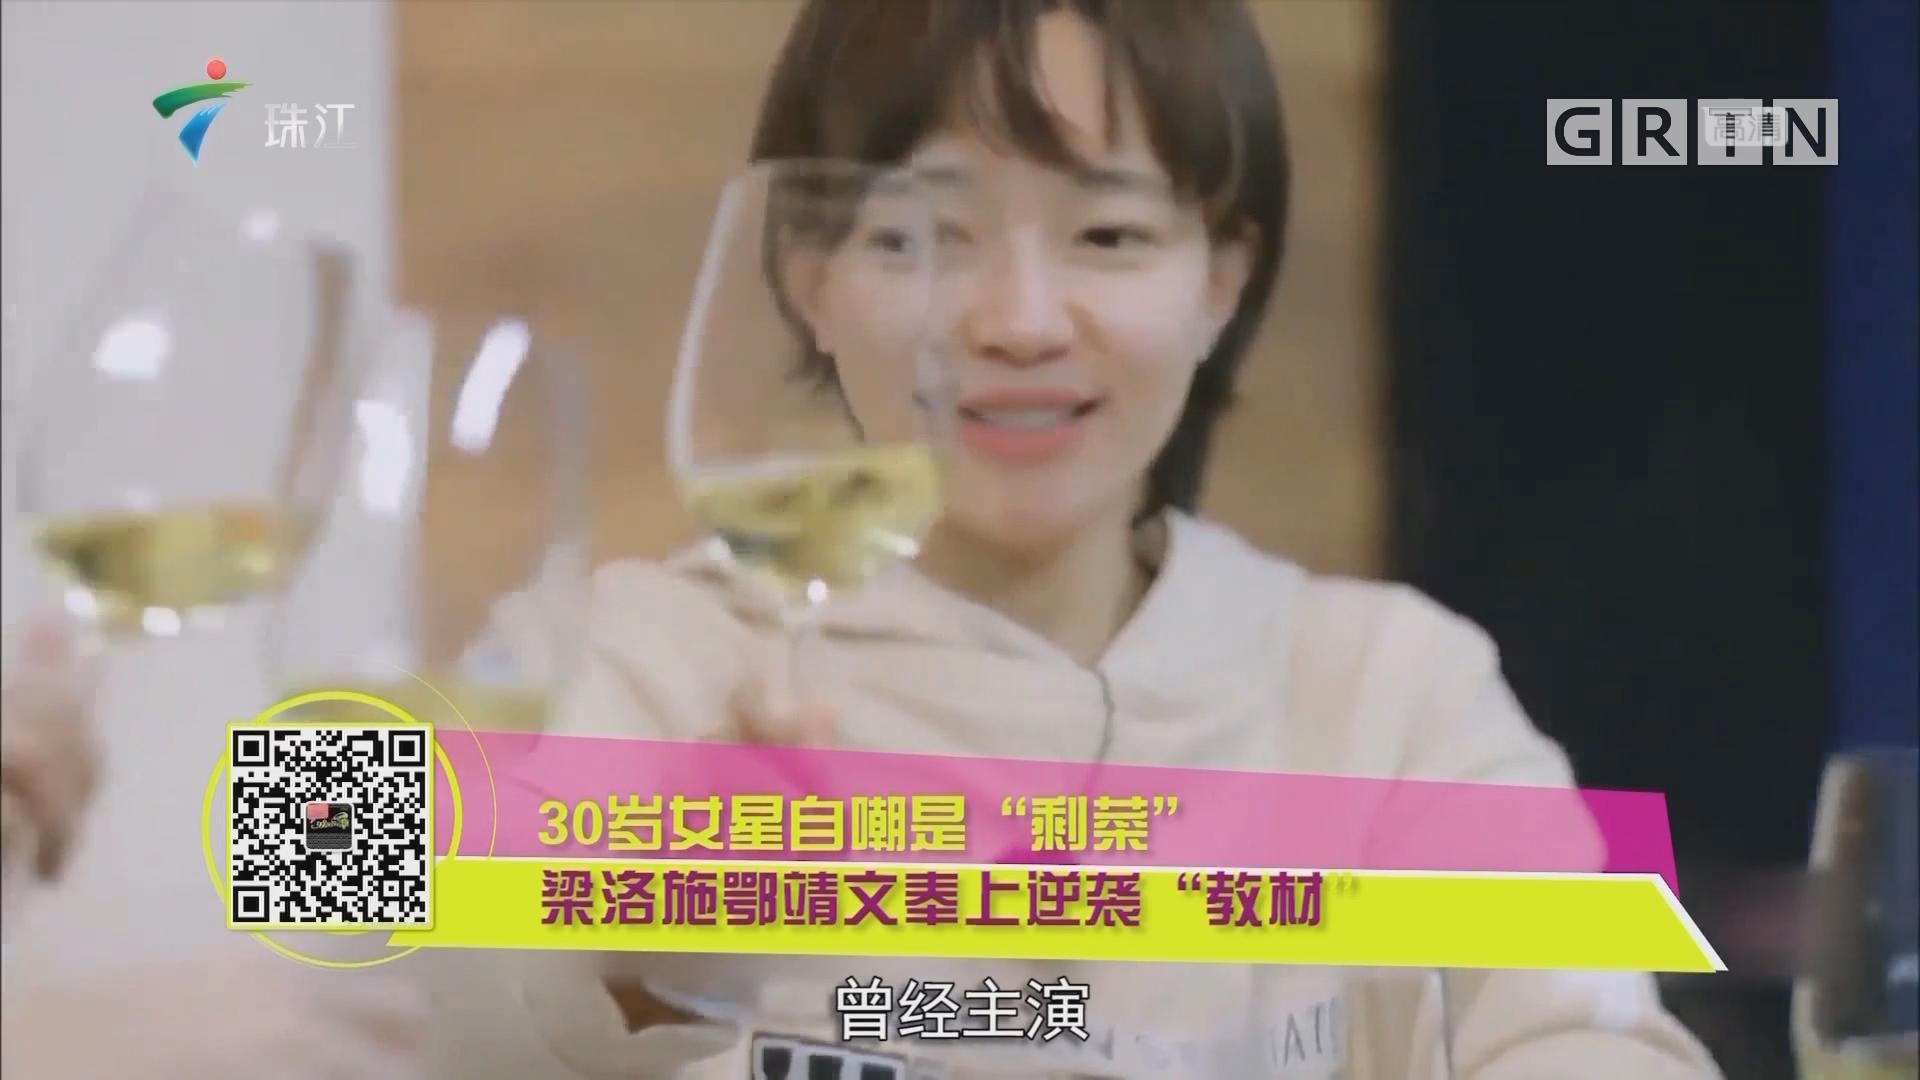 """30岁女星自嘲是""""剩菜"""" 梁洛施鄂靖文奉上逆袭""""教材"""""""